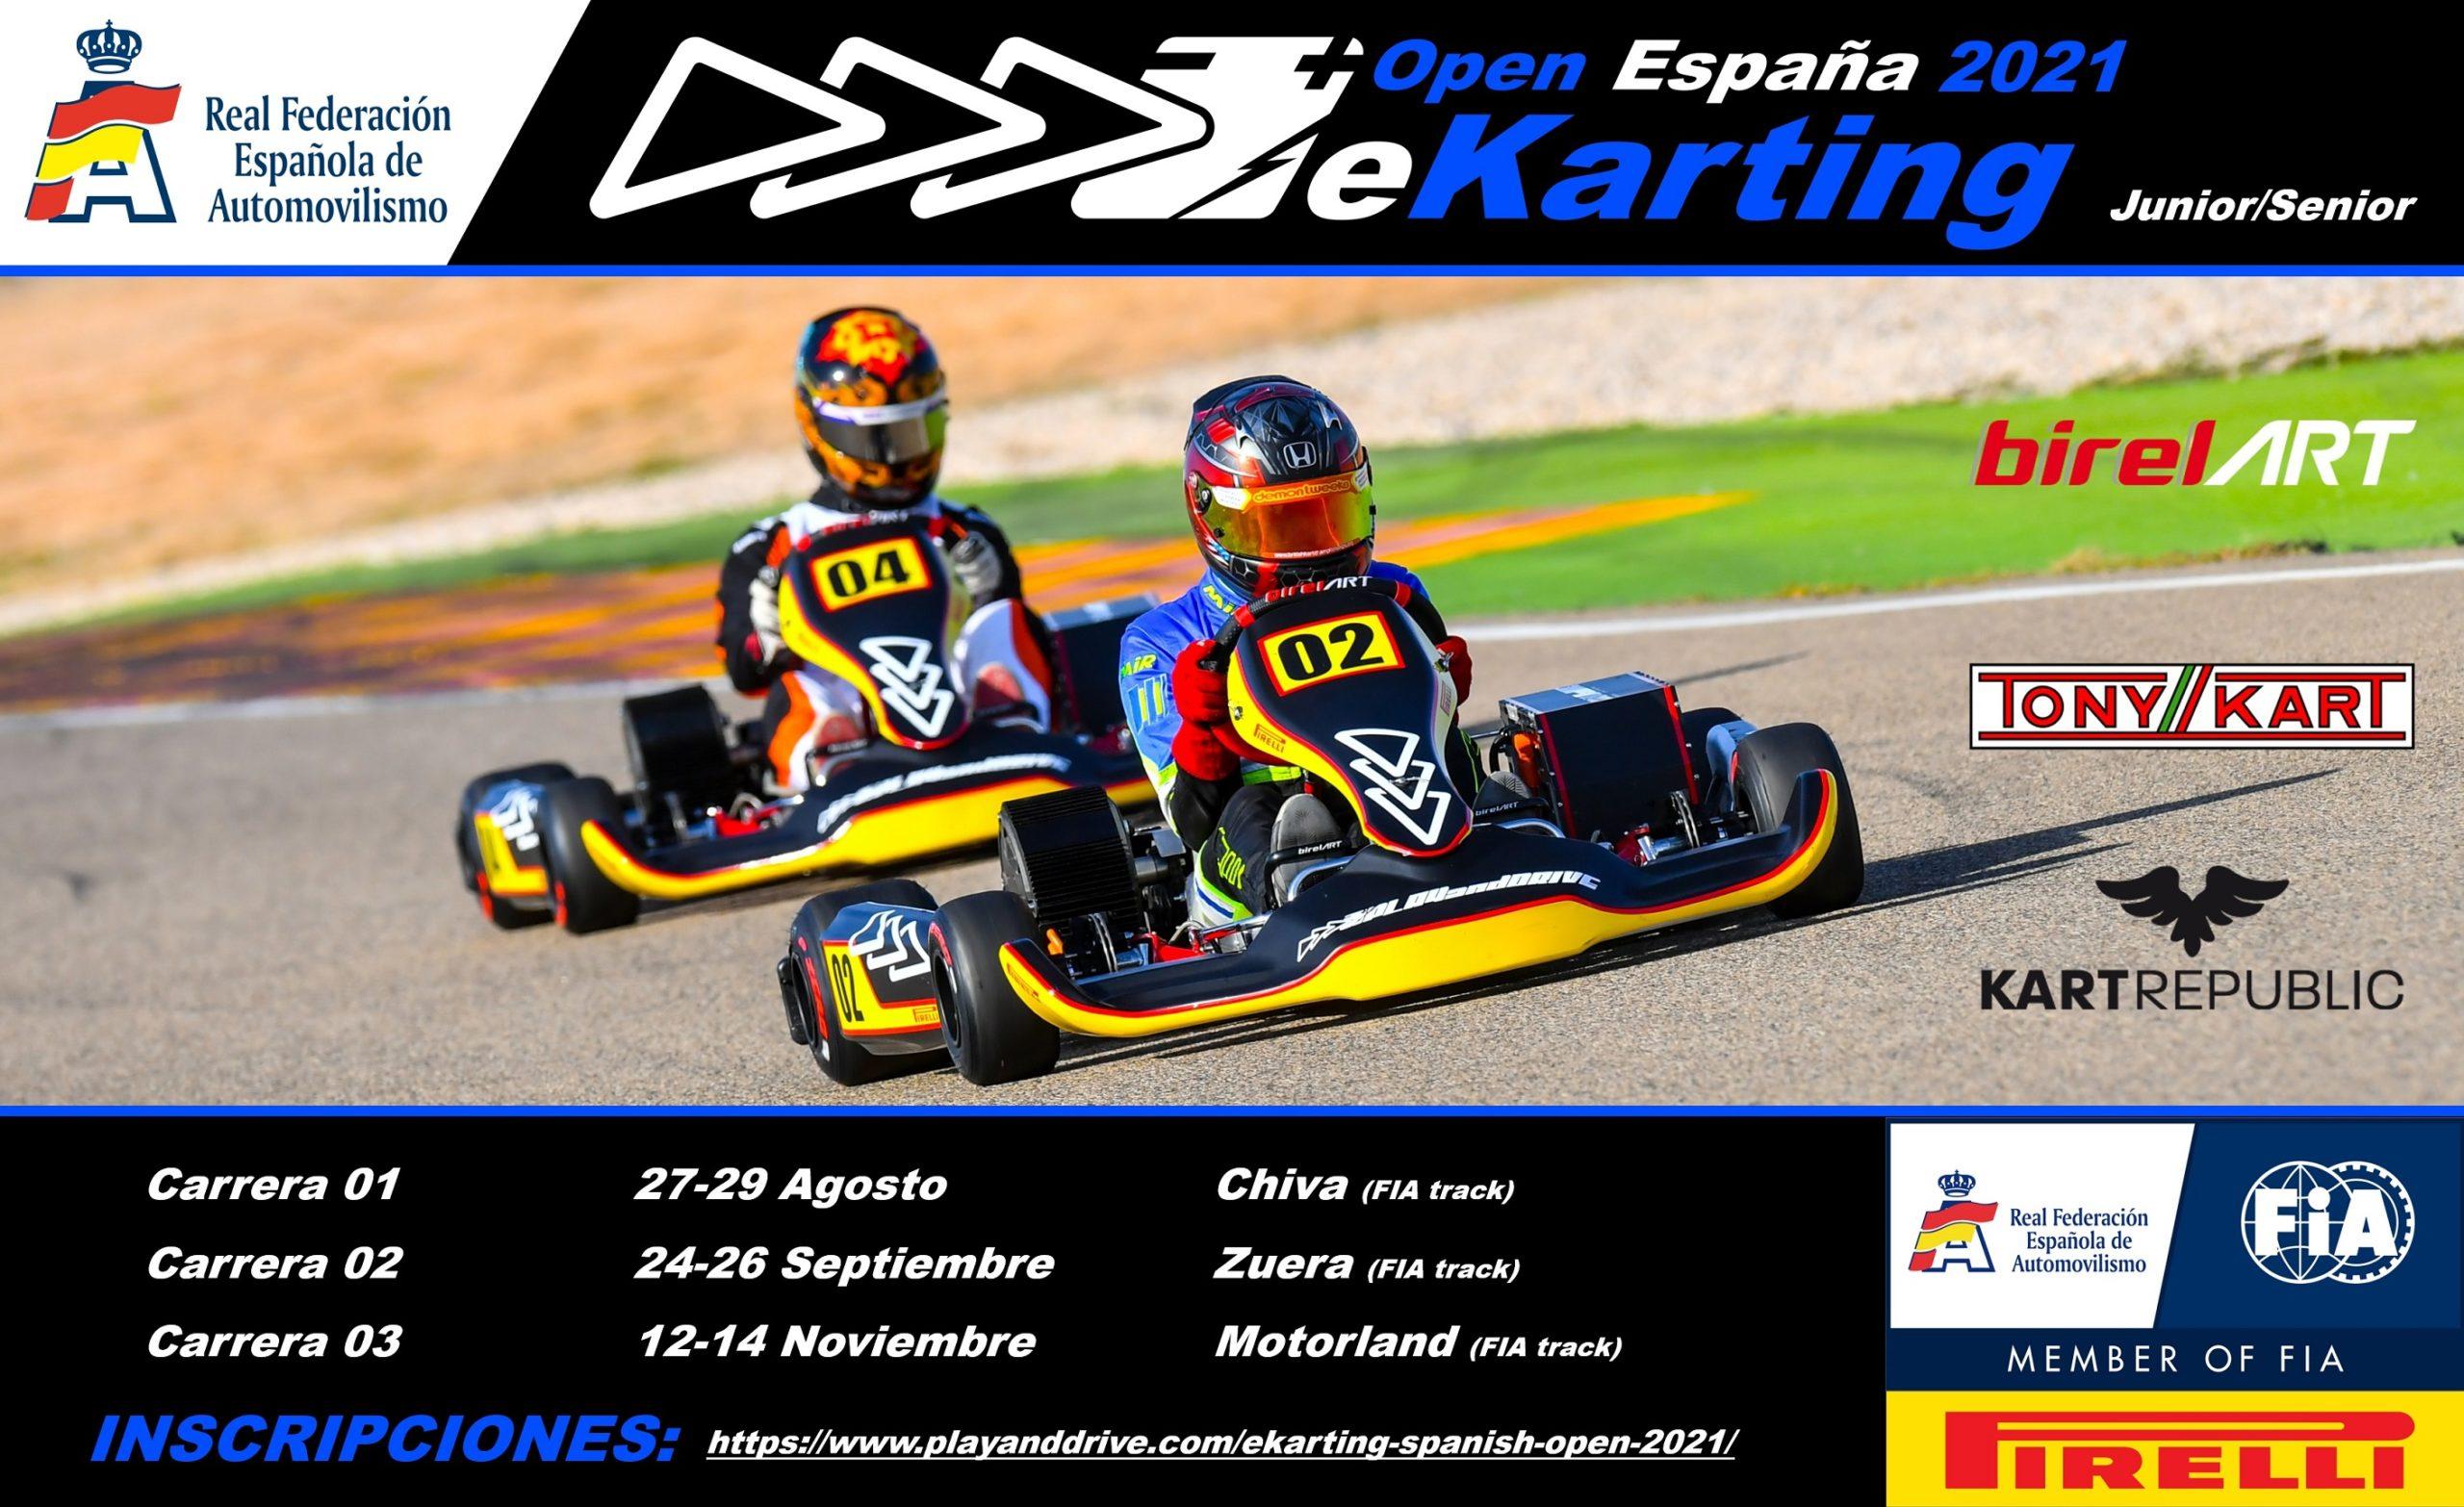 2021 Cartel Open Espana eKarting ES